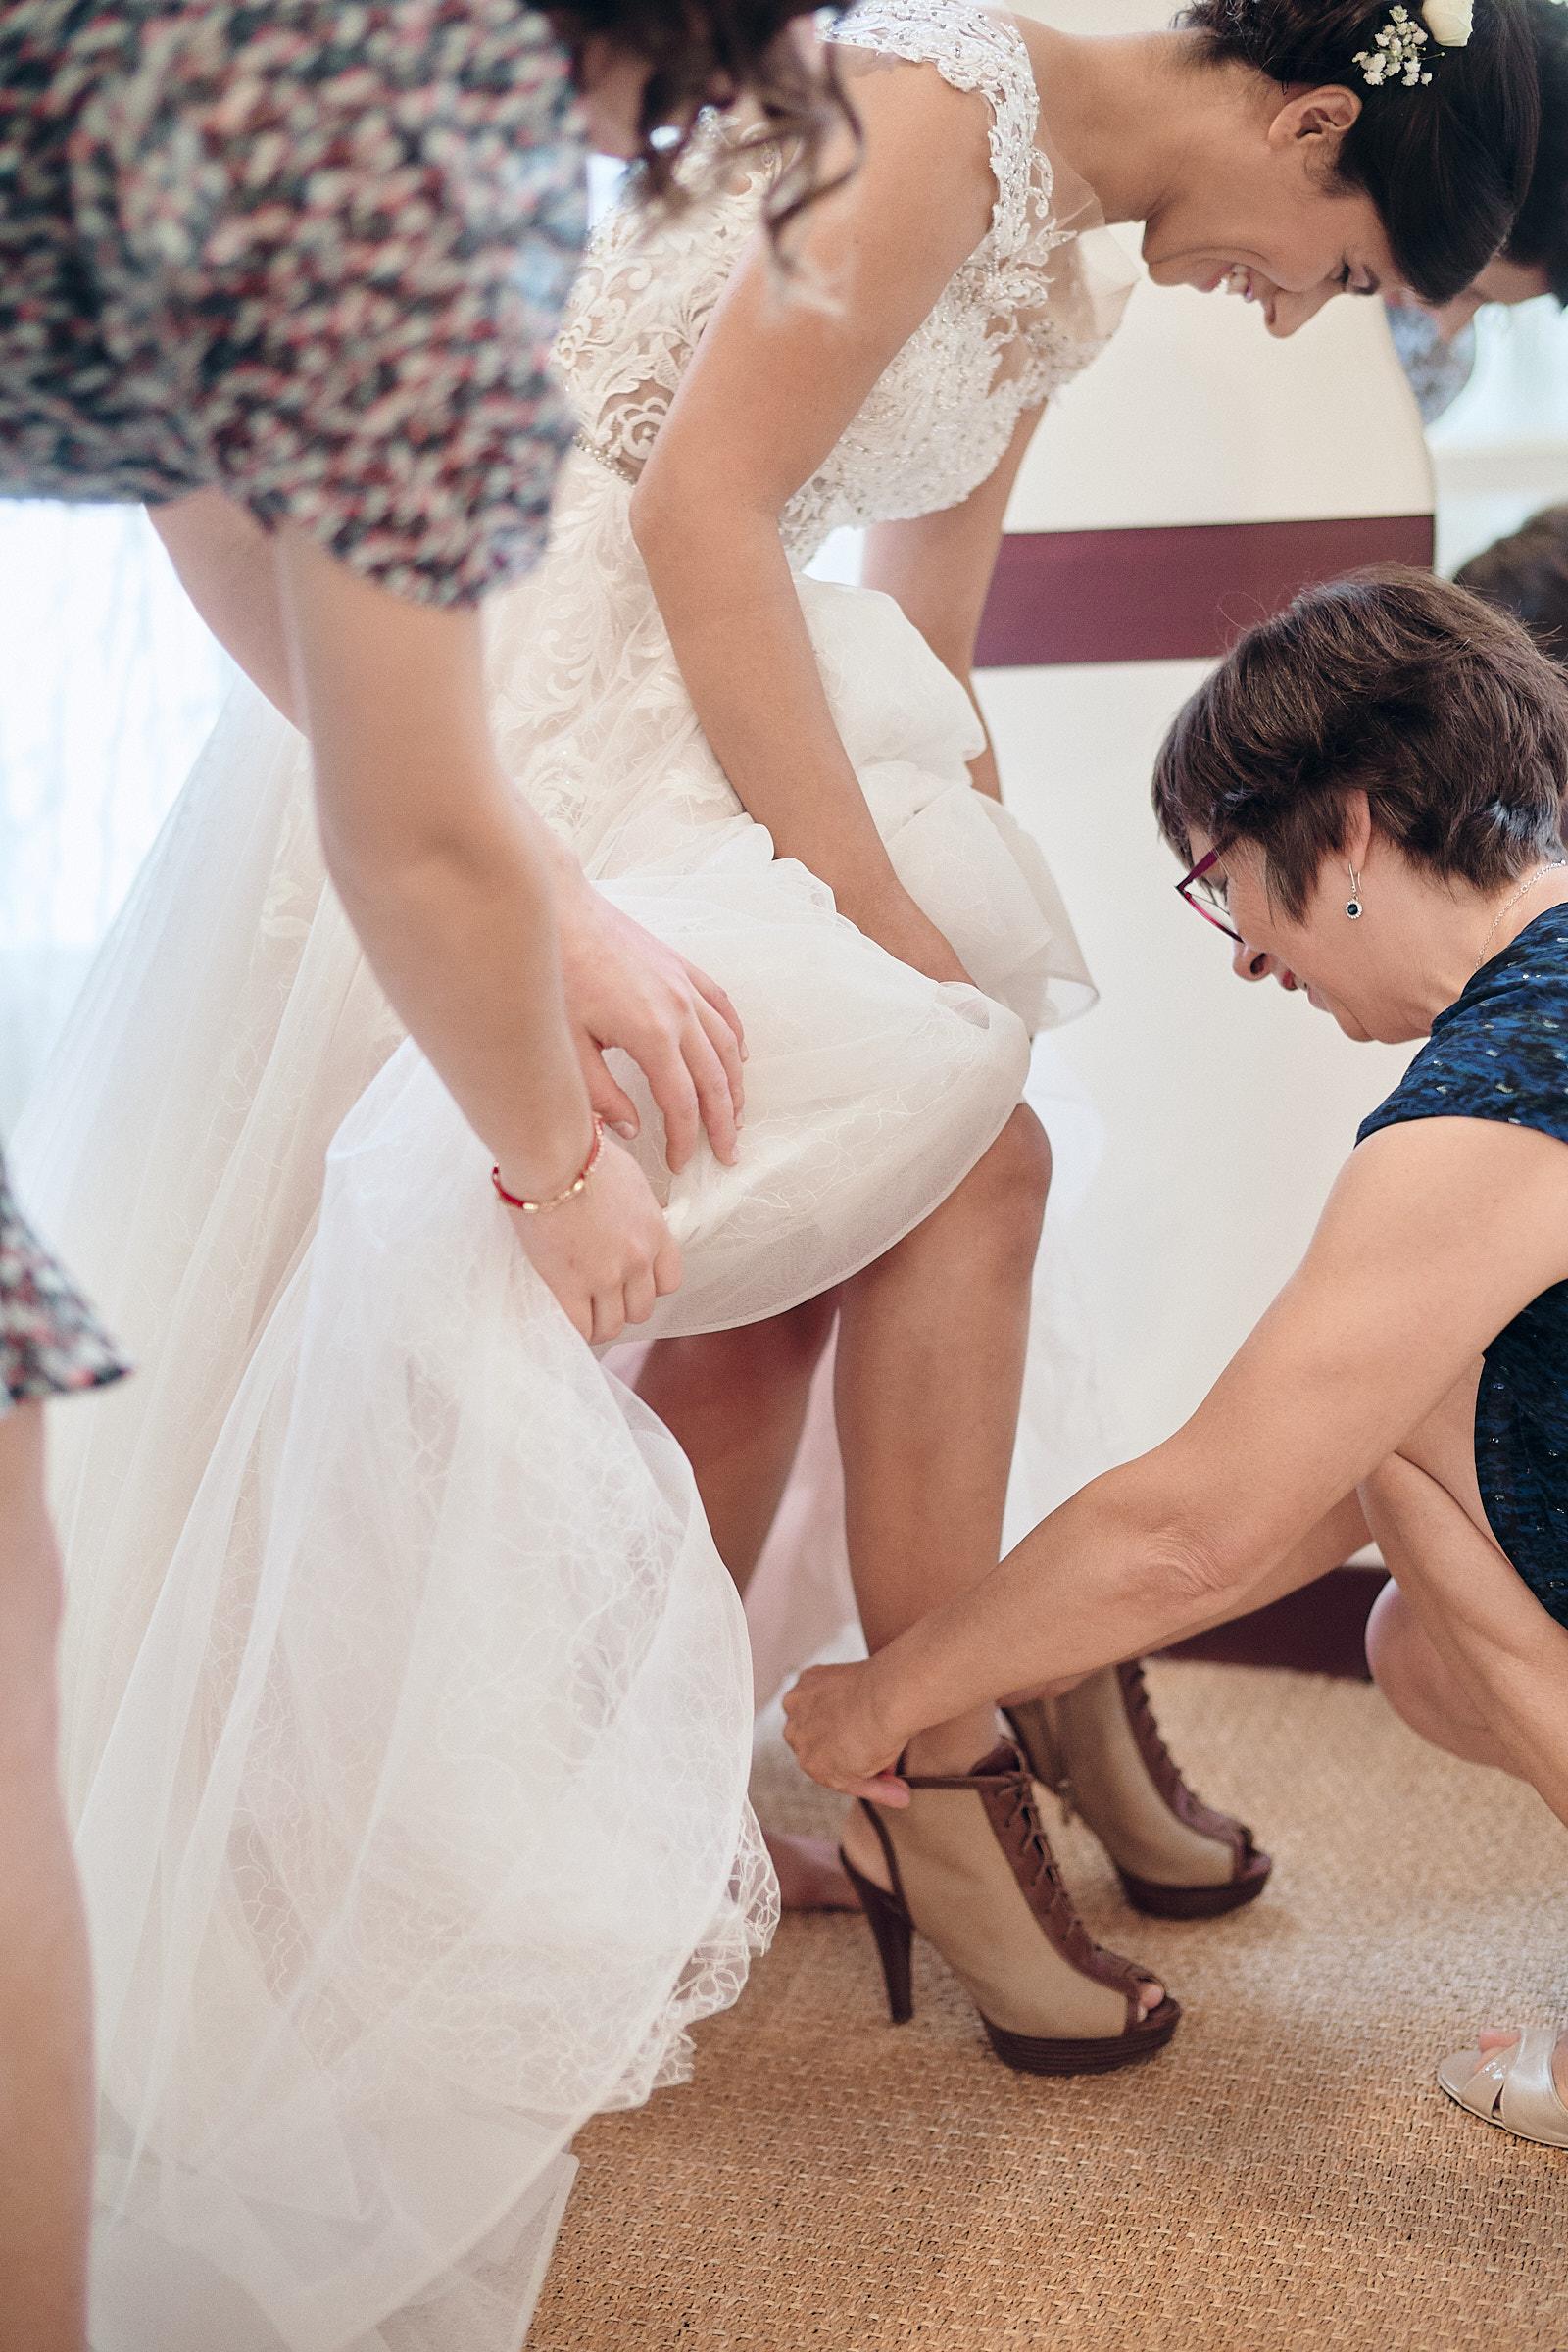 la mère du marié aide la mariée à mettre ses chaussures